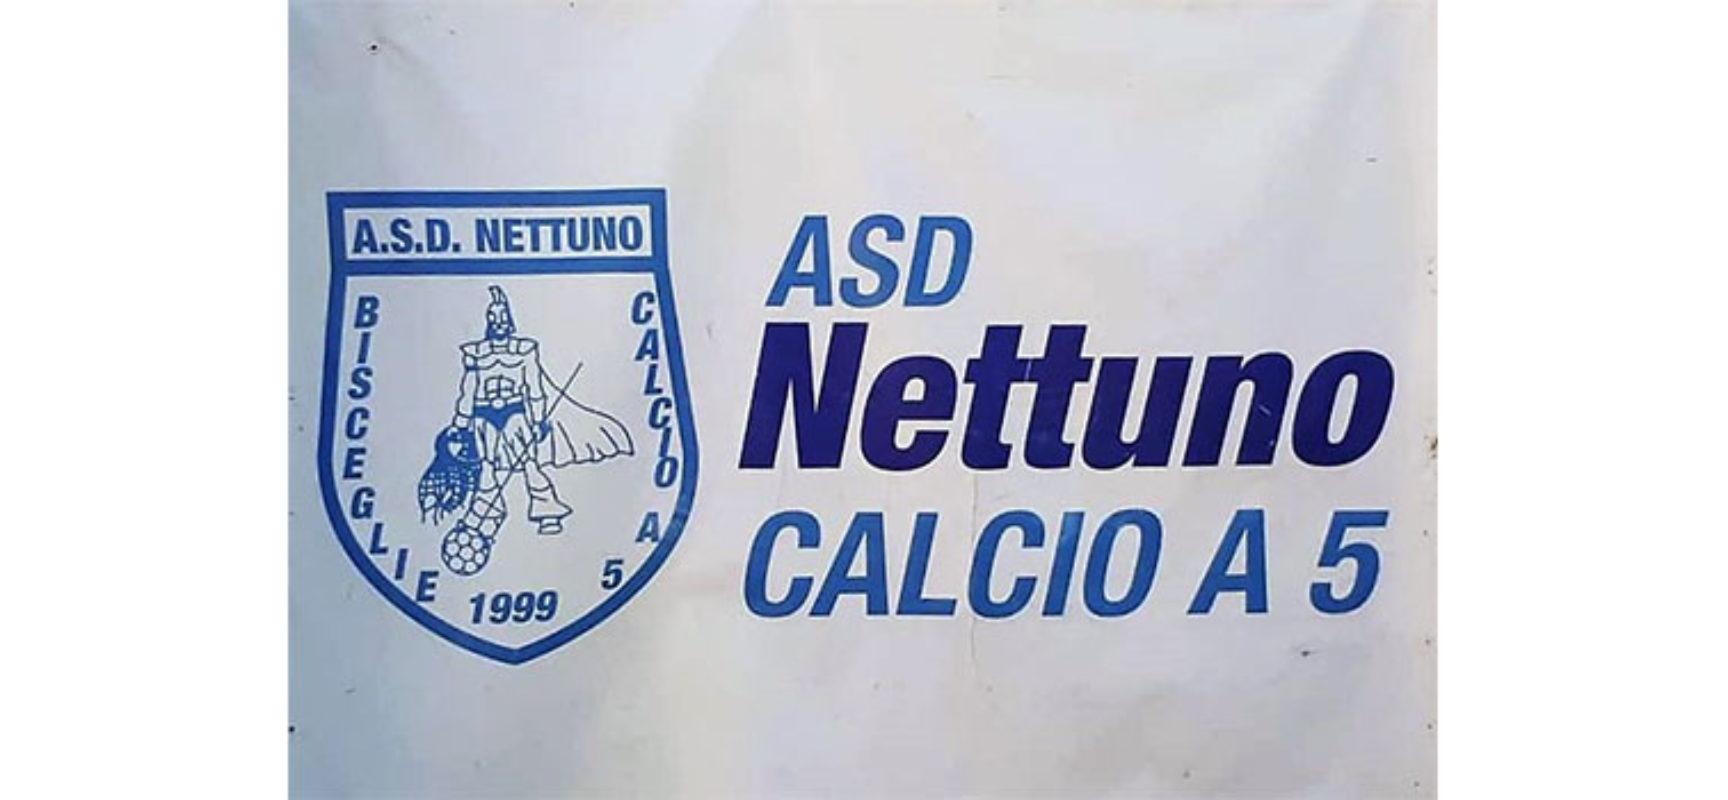 Calcio a 5, Serie C2: esordio a Barletta per il Nettuno Bisceglie / CALENDARIO